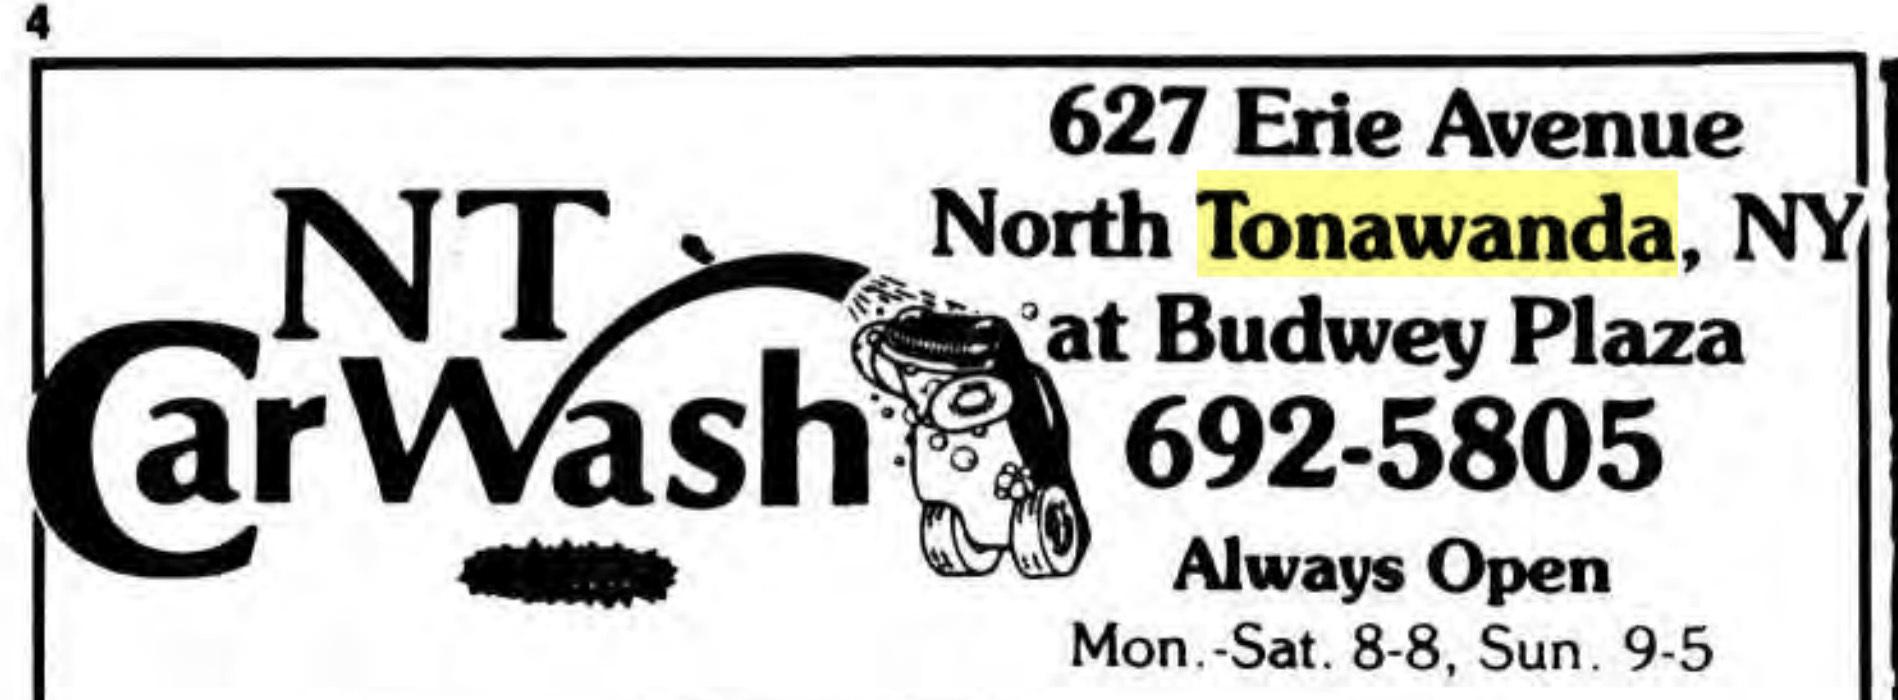 NT Car Wash, logotype (1986).jpg